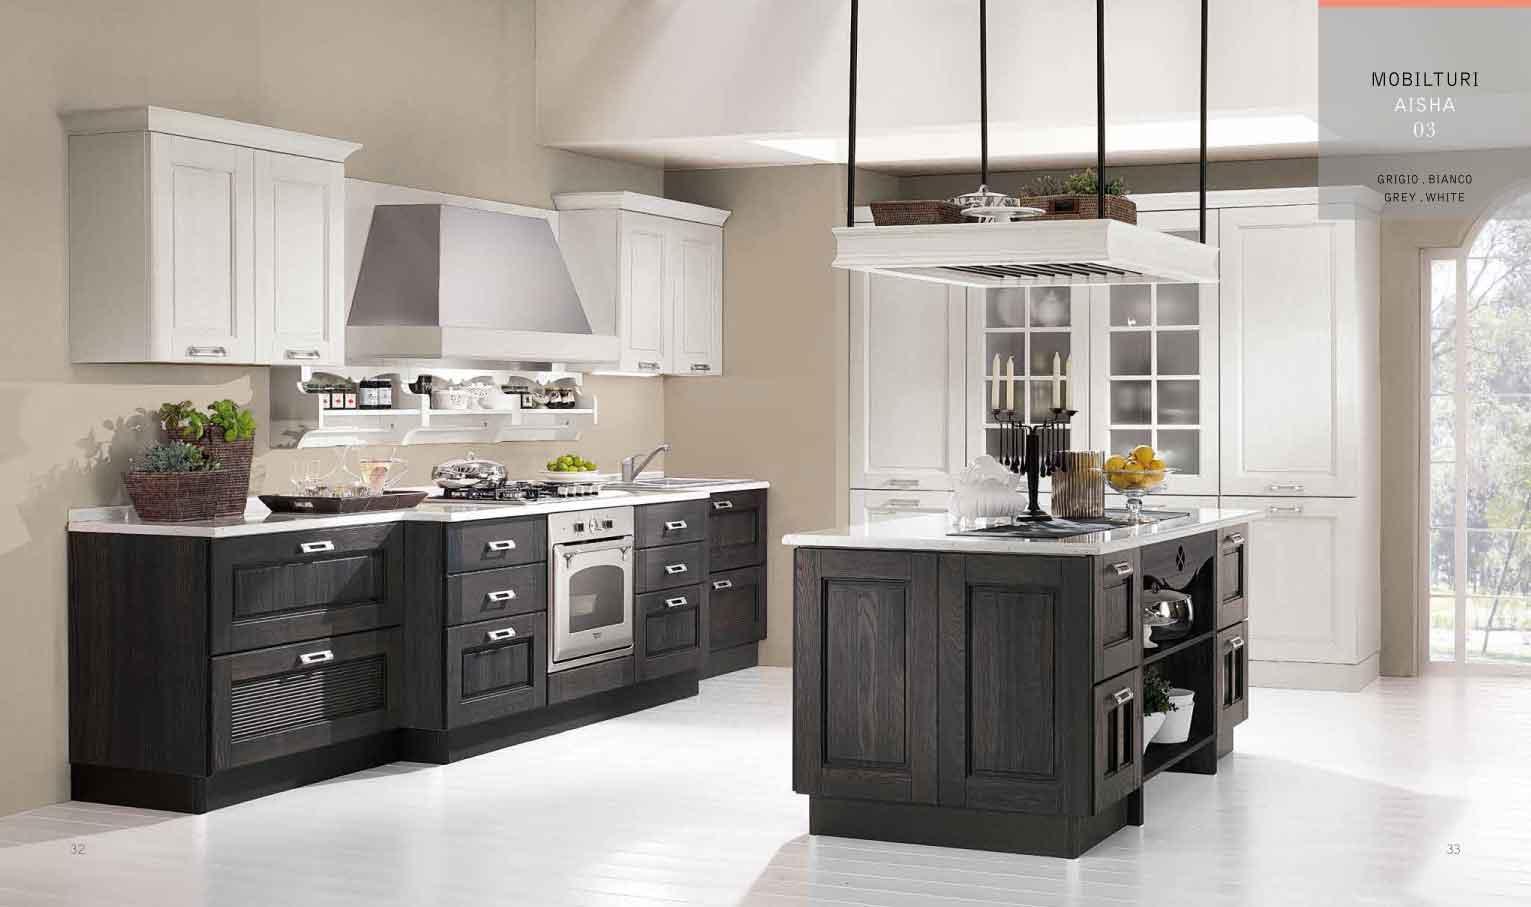 Cucina stile inglese anta frassinata tutto mobili arredamento camere cucine ufficio roma - Mobili stile inglese bianco ...